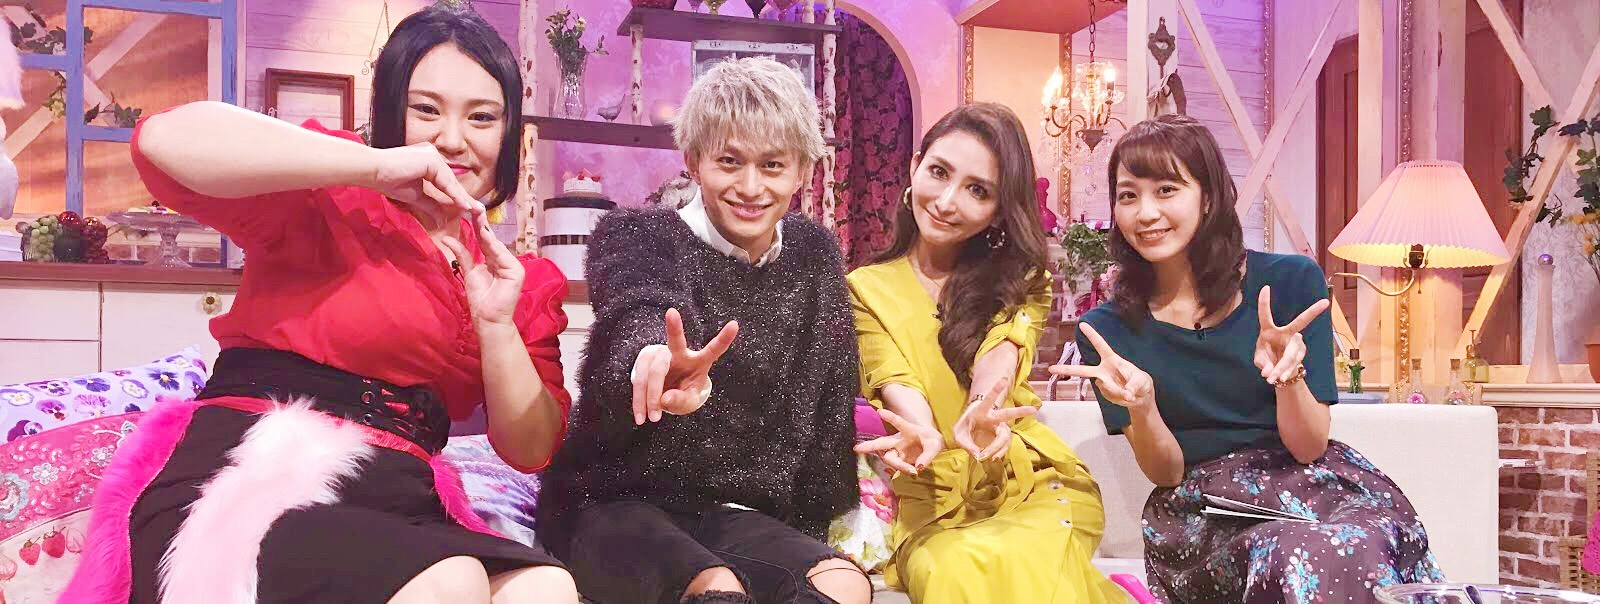 テレビ静岡「Girls Party」